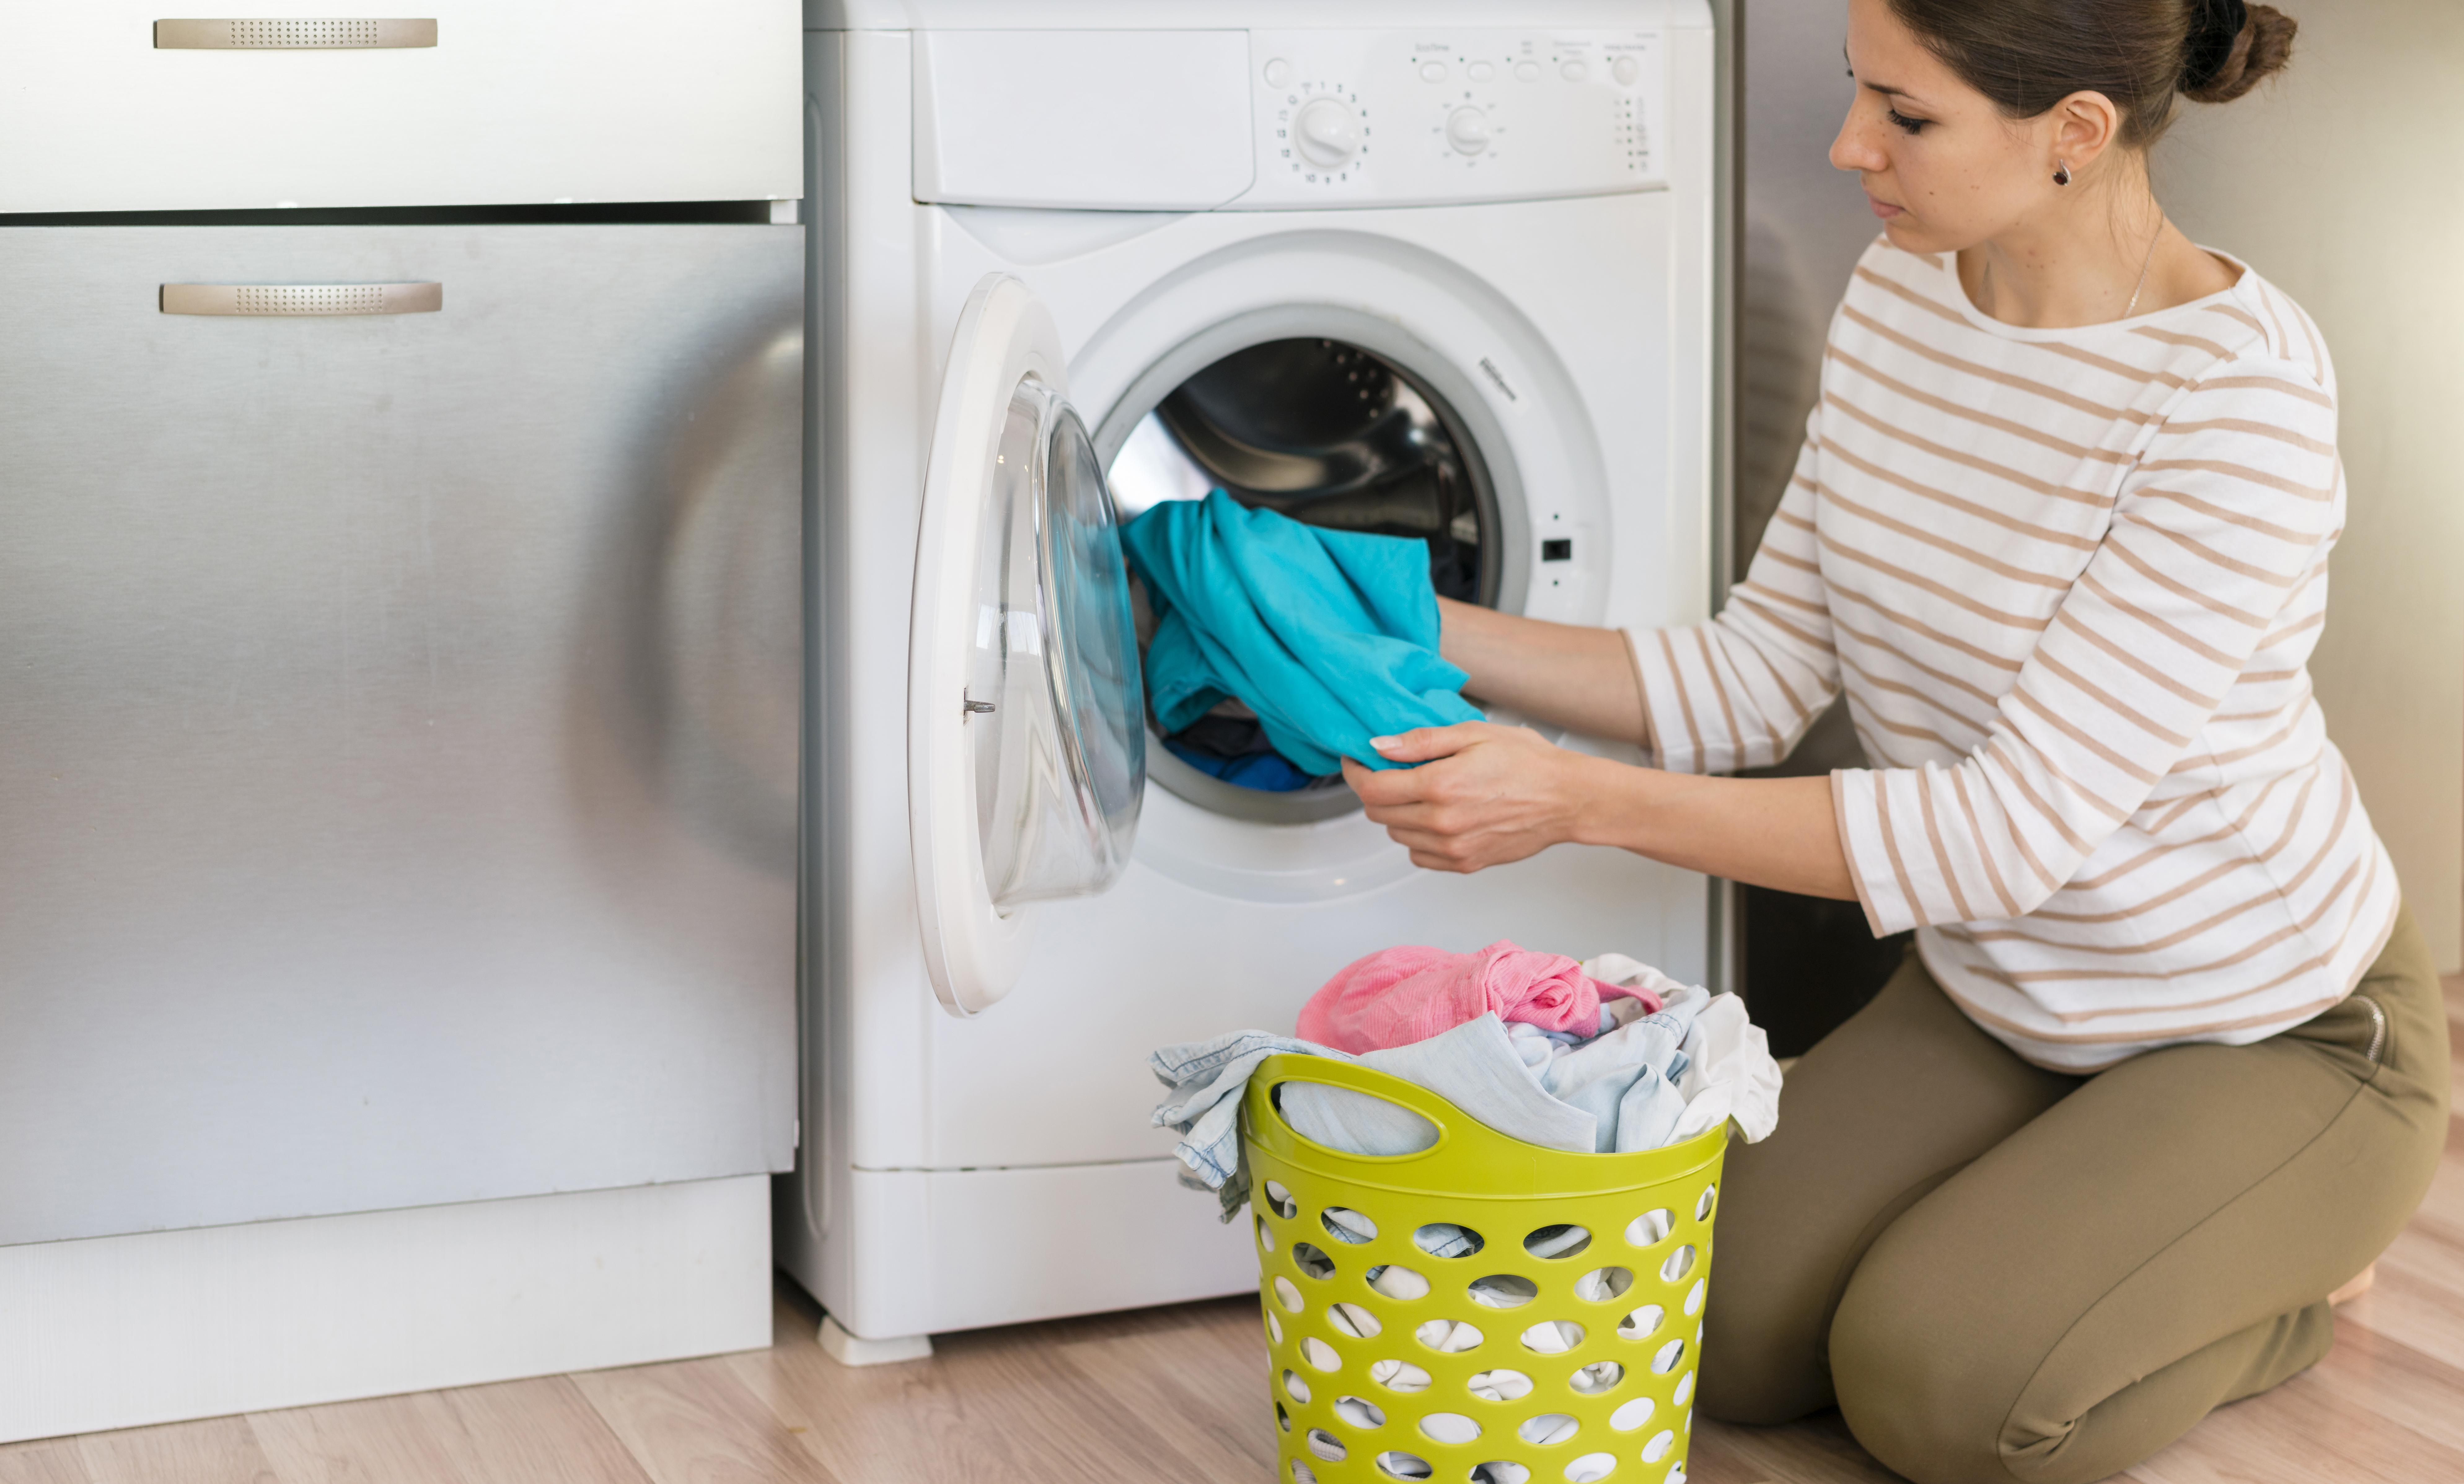 Come lavare i capi colorati in lavatrice